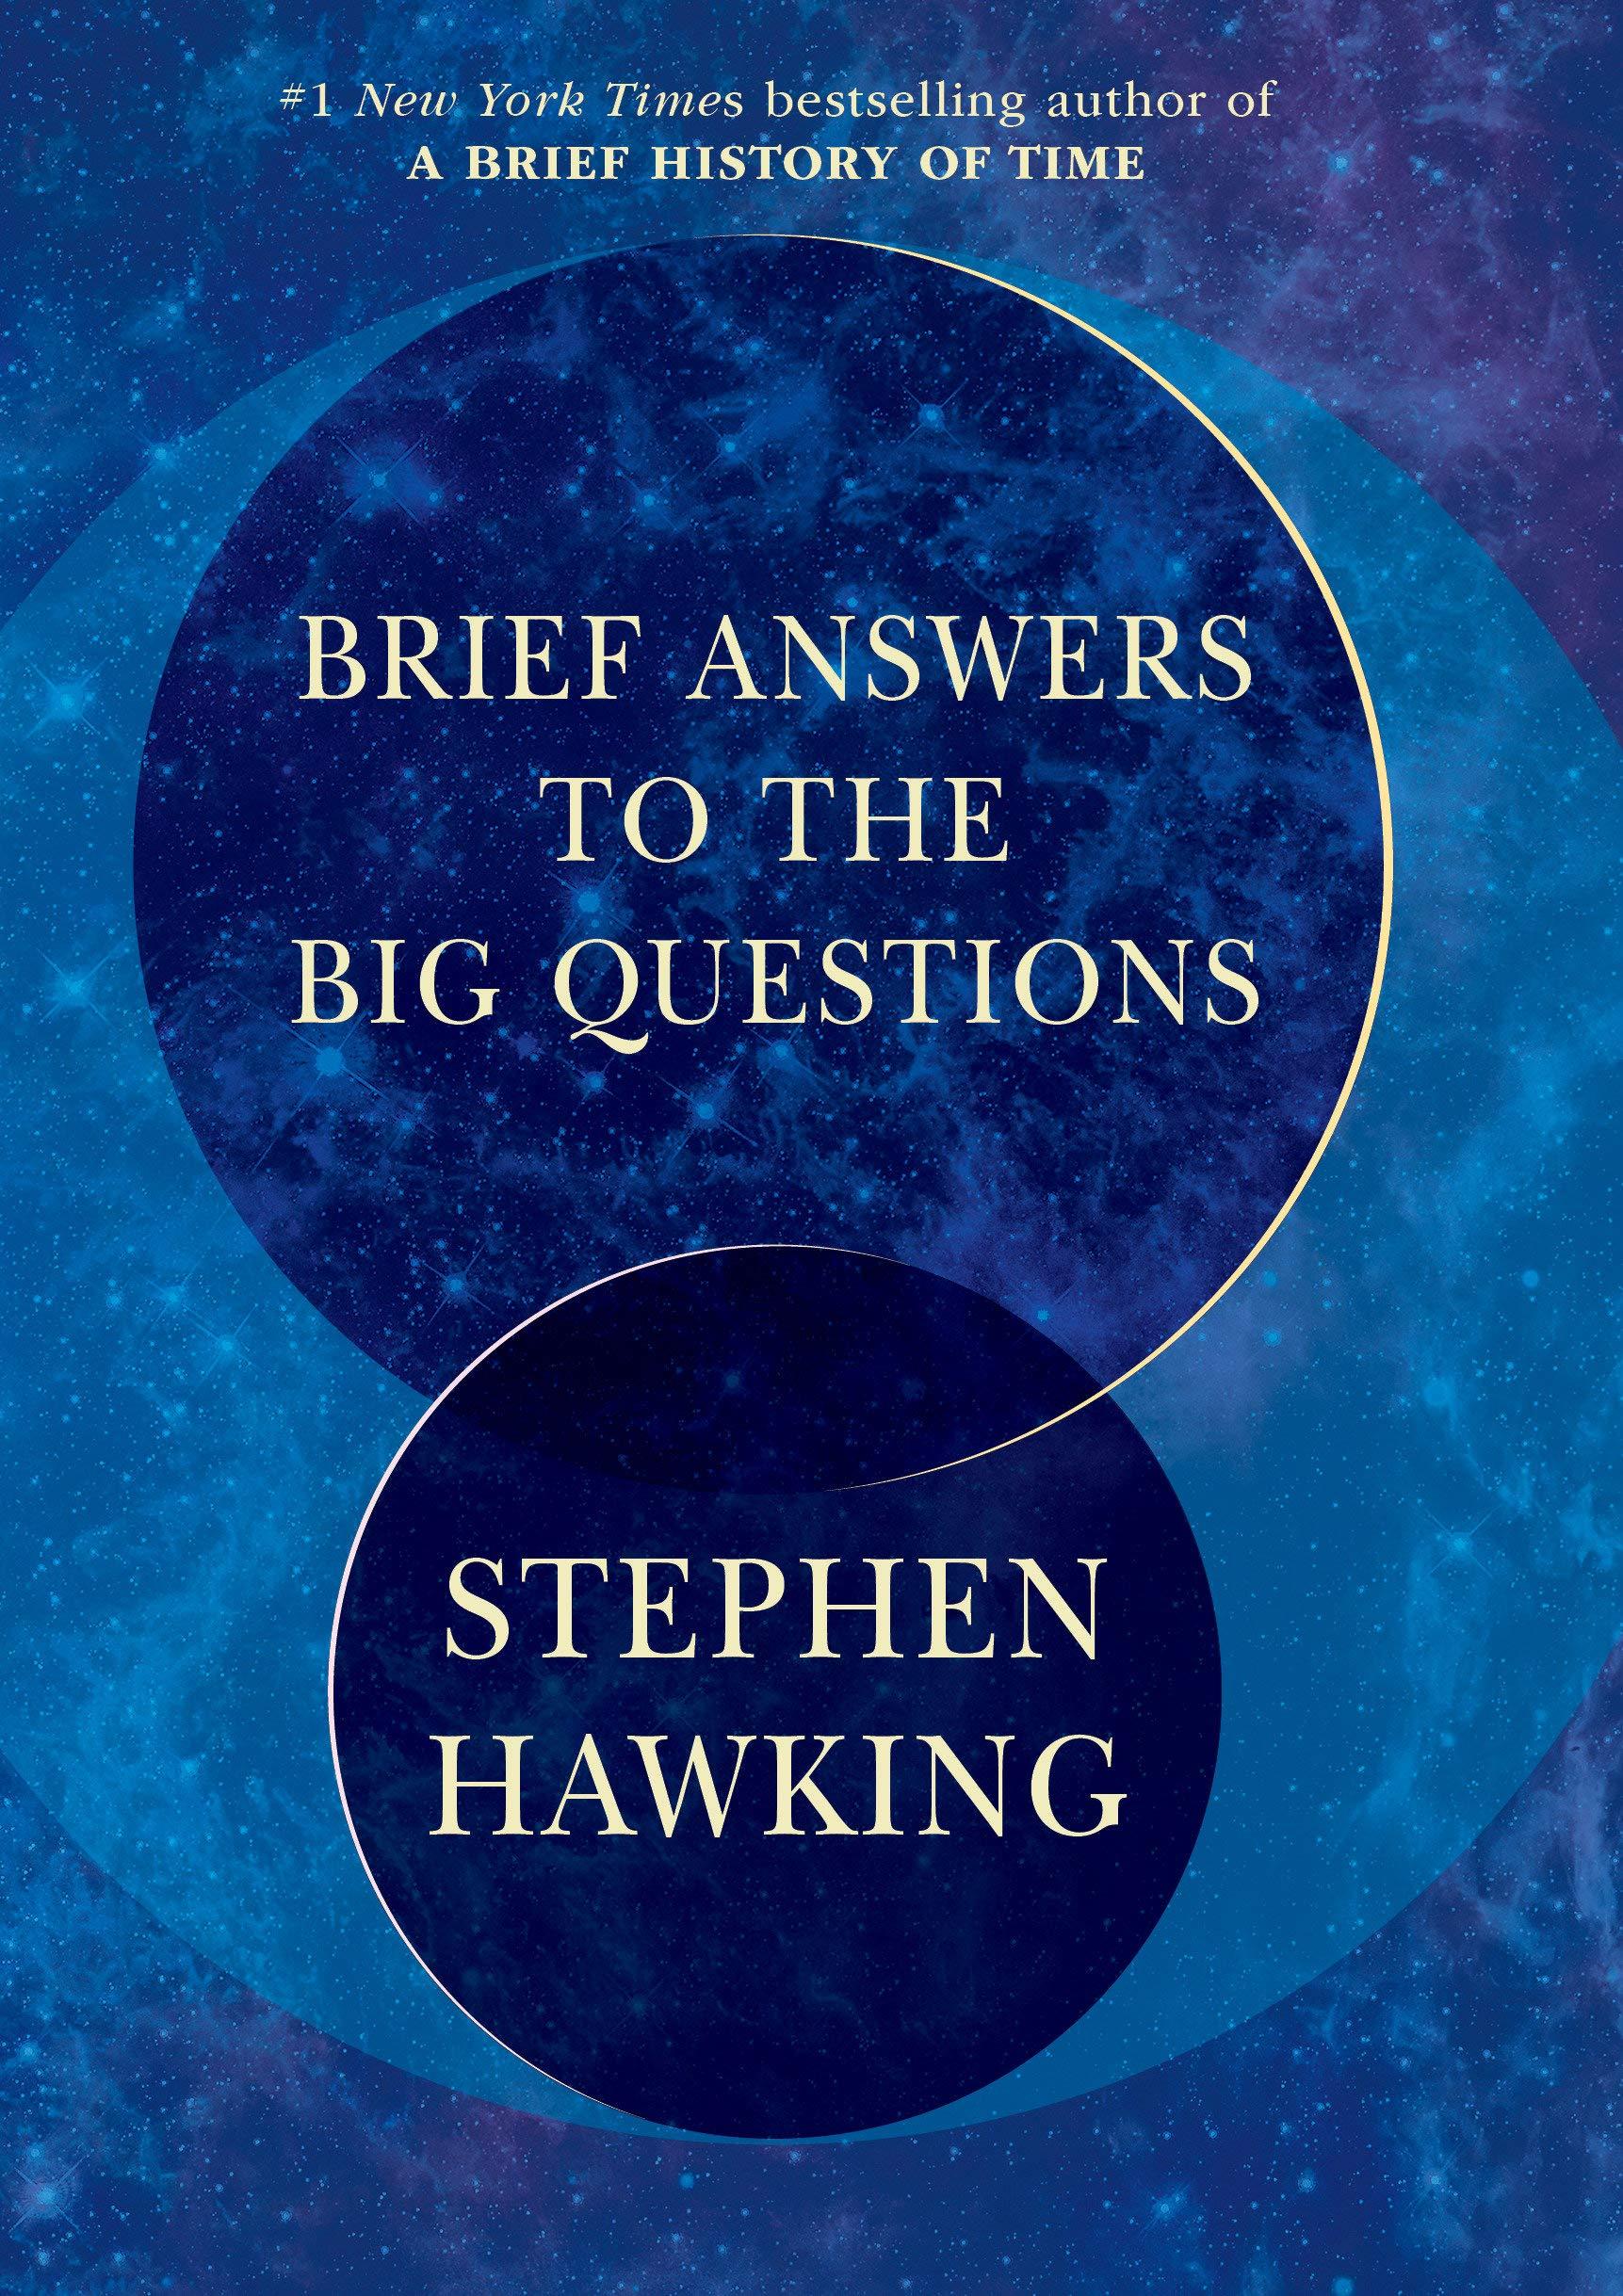 书籍推荐 – Brief Answers to the Big Questions